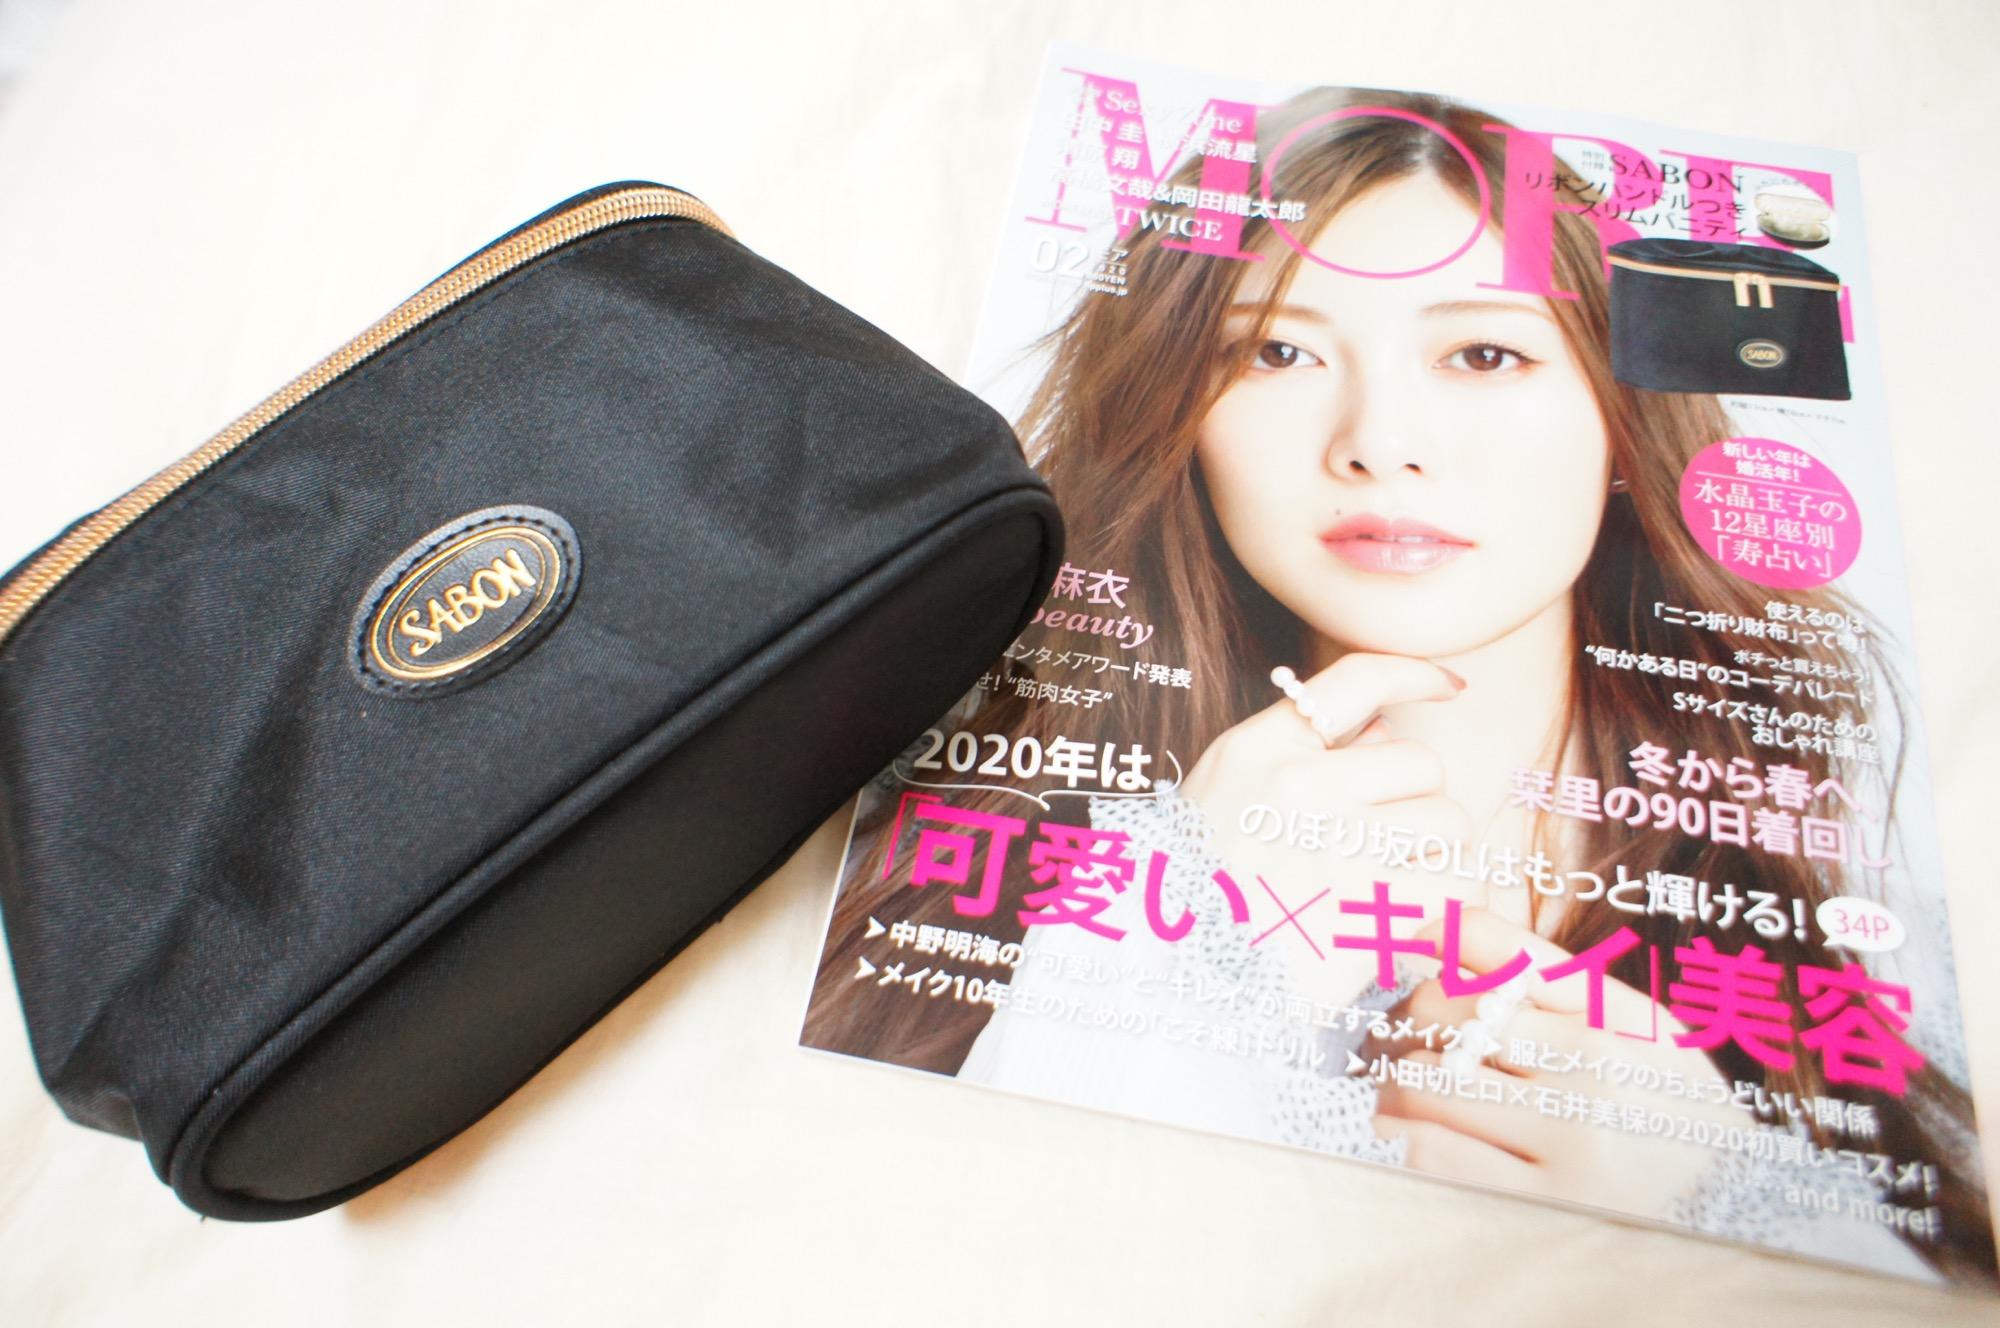 《本日発売❤️》豪華付録!SABONリボンハンドルつきスリムバニティ☻【MORE 2月号】をチェック!_1